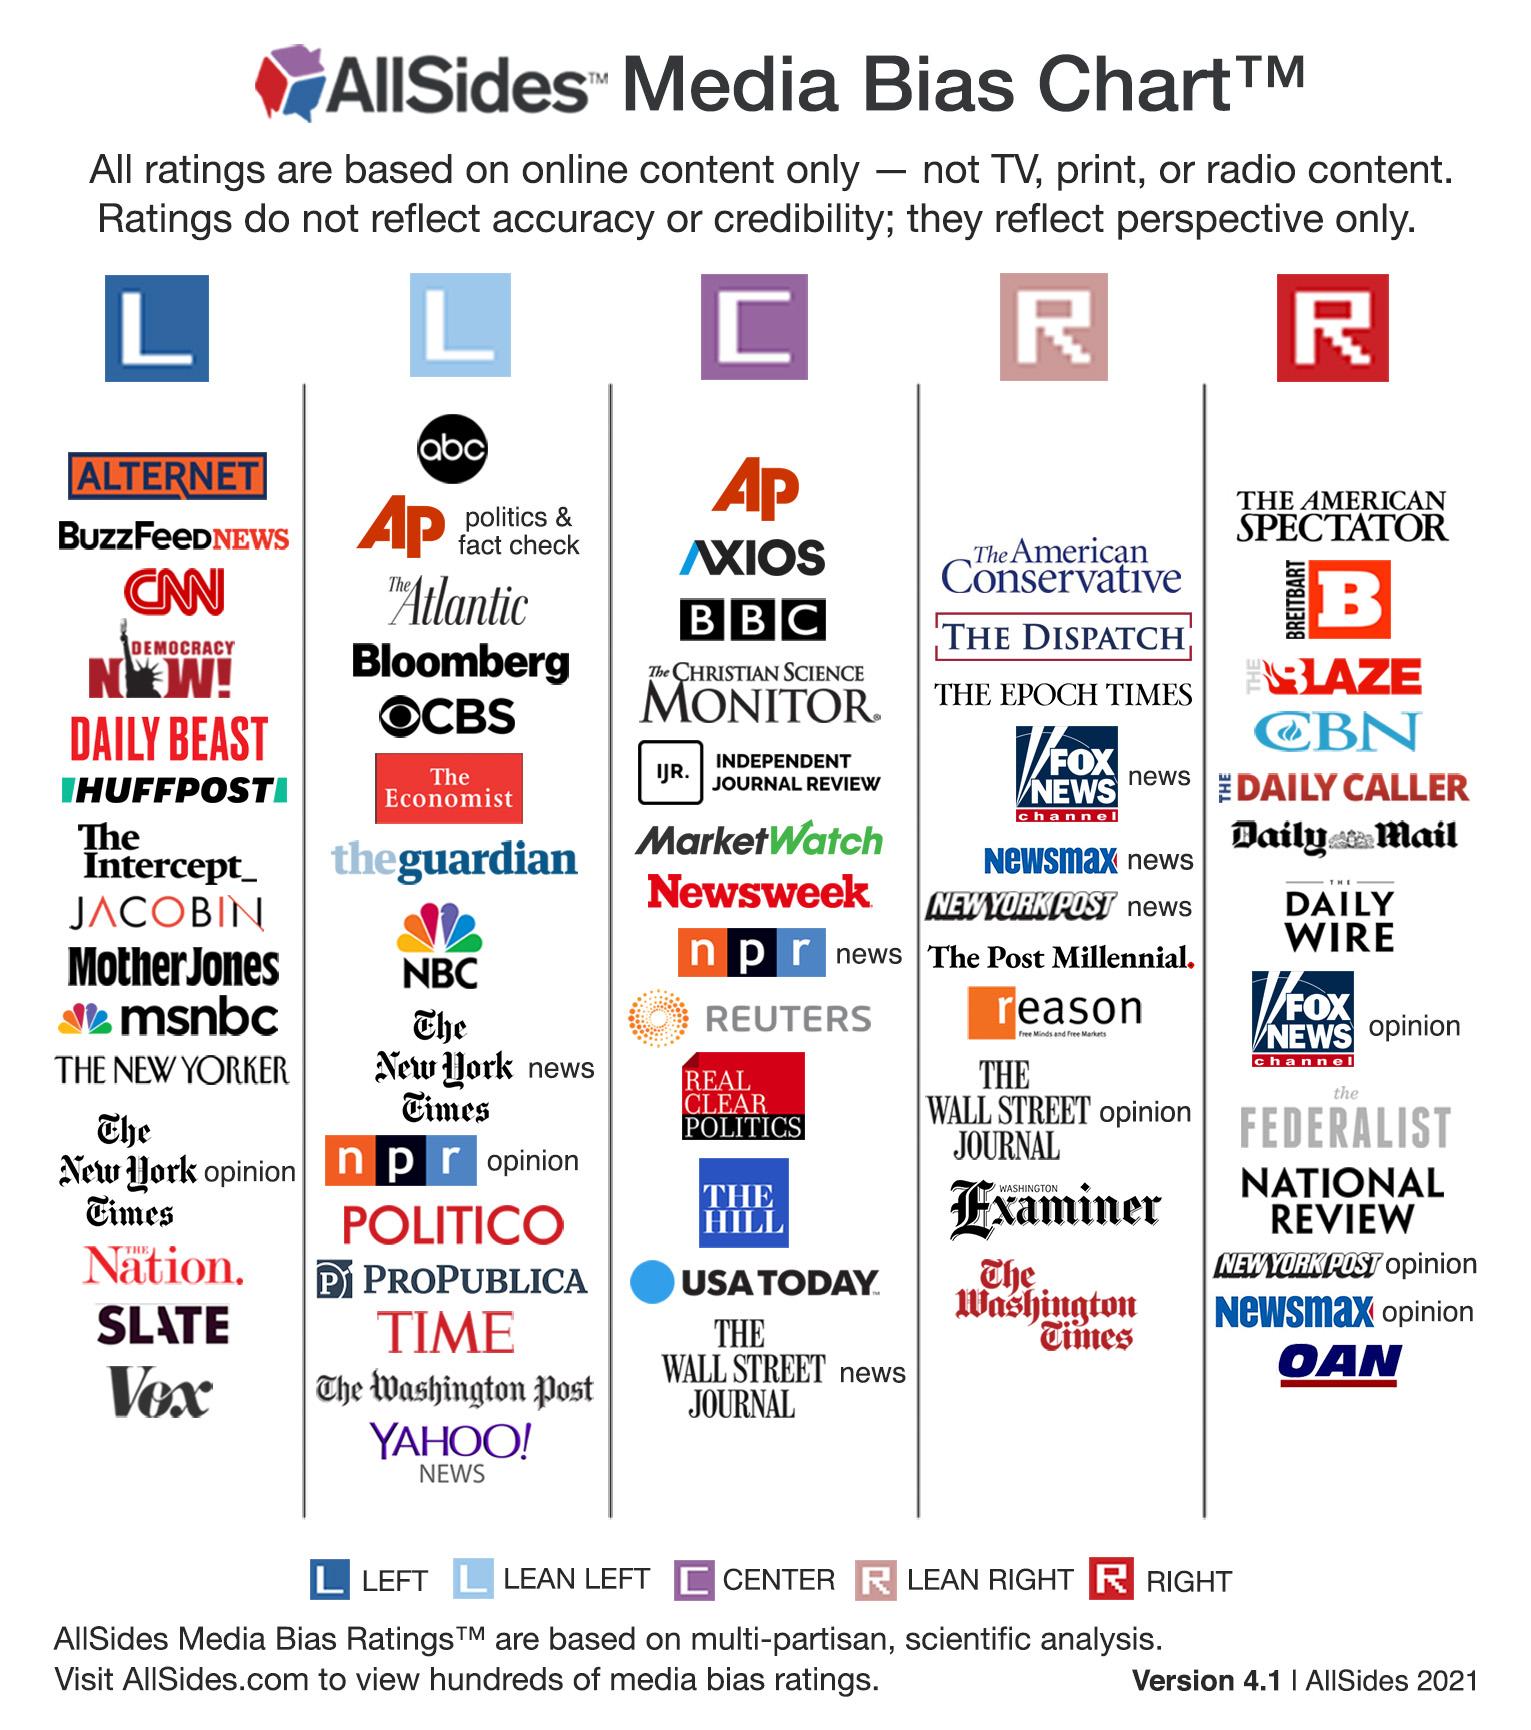 AllSides Media Bias Chart Version 4, 2021